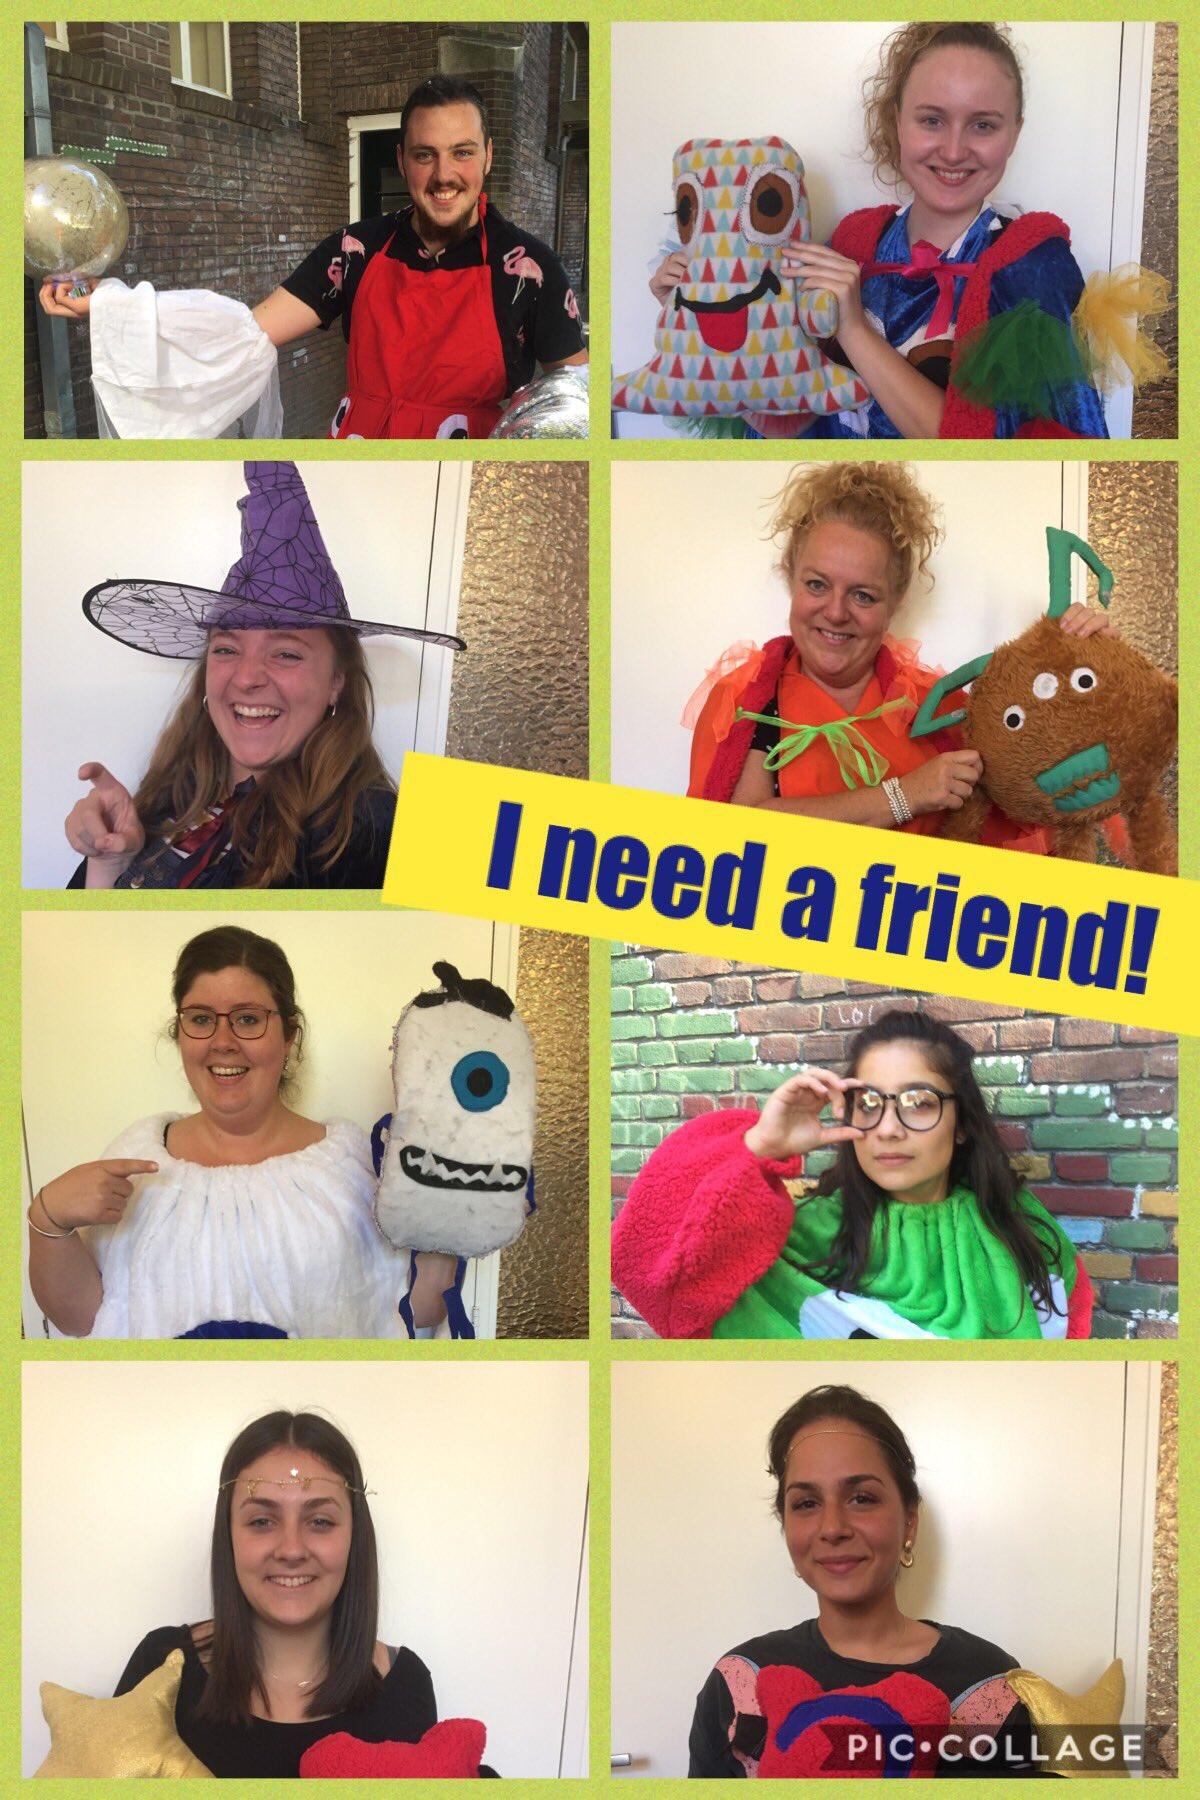 I need a friend!